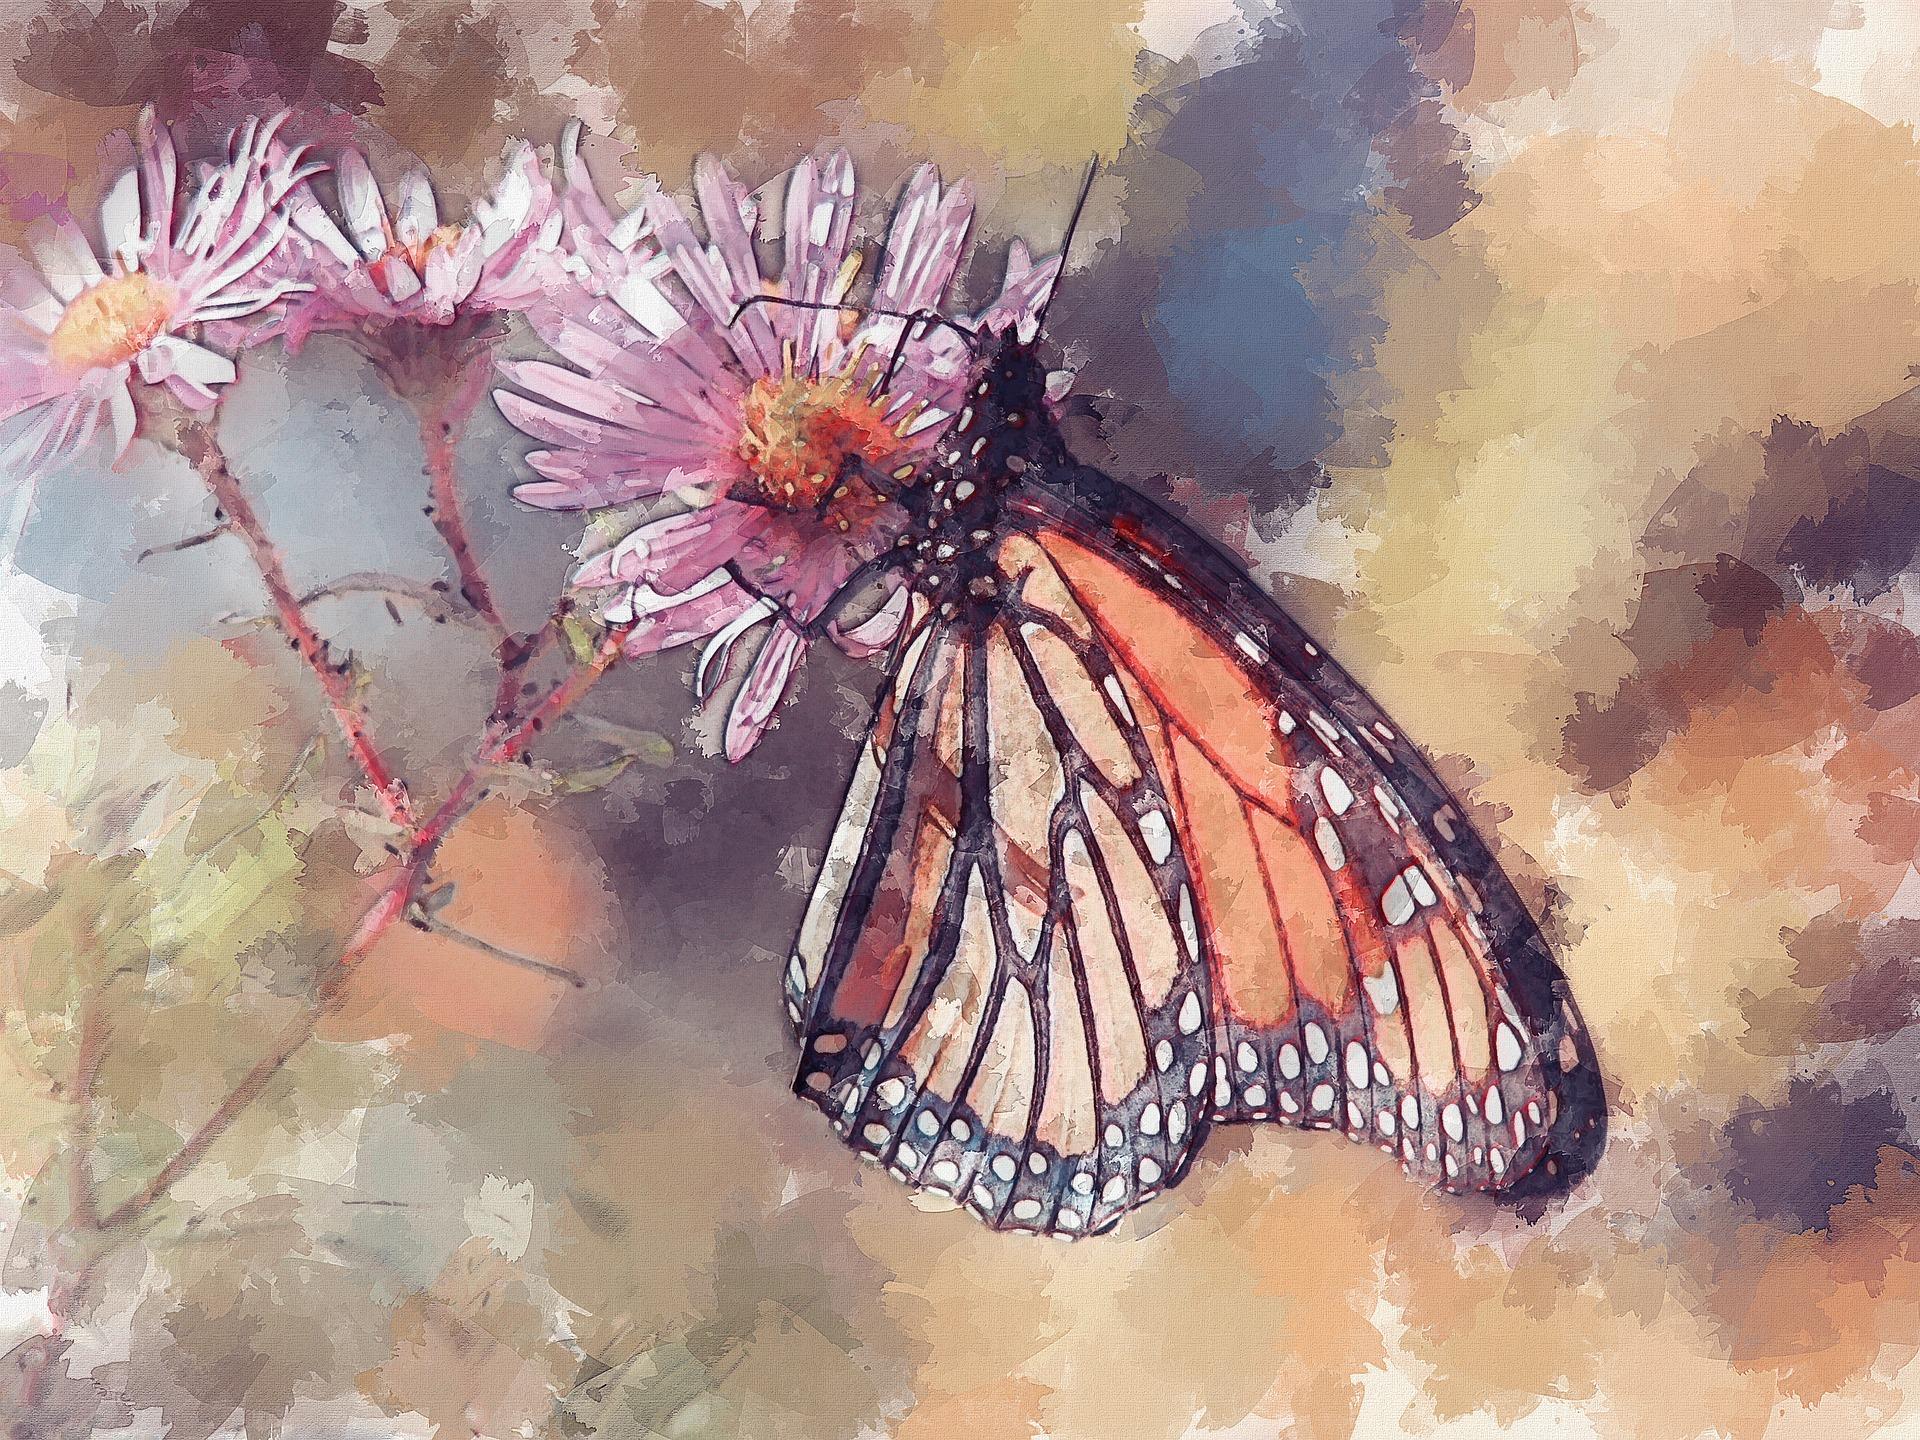 butterfly-3407358_1920